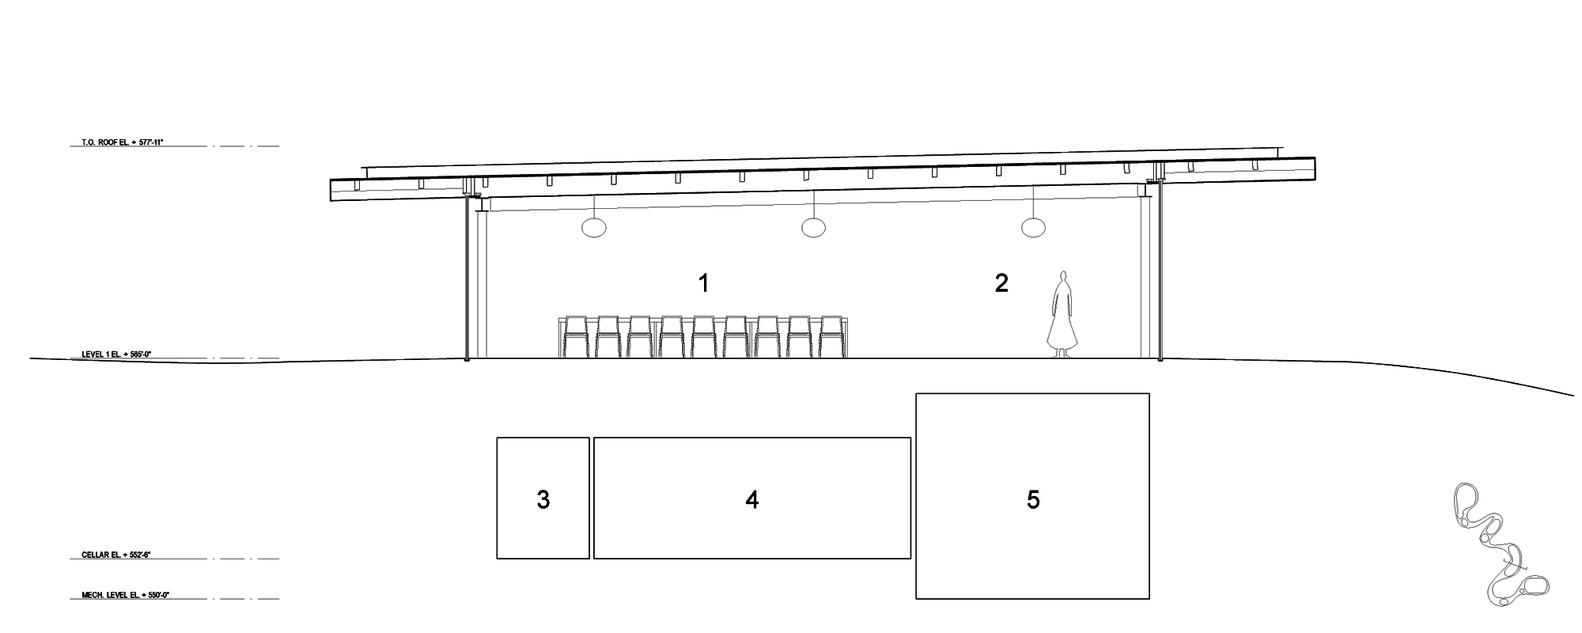 hight resolution of dining room 2 living room